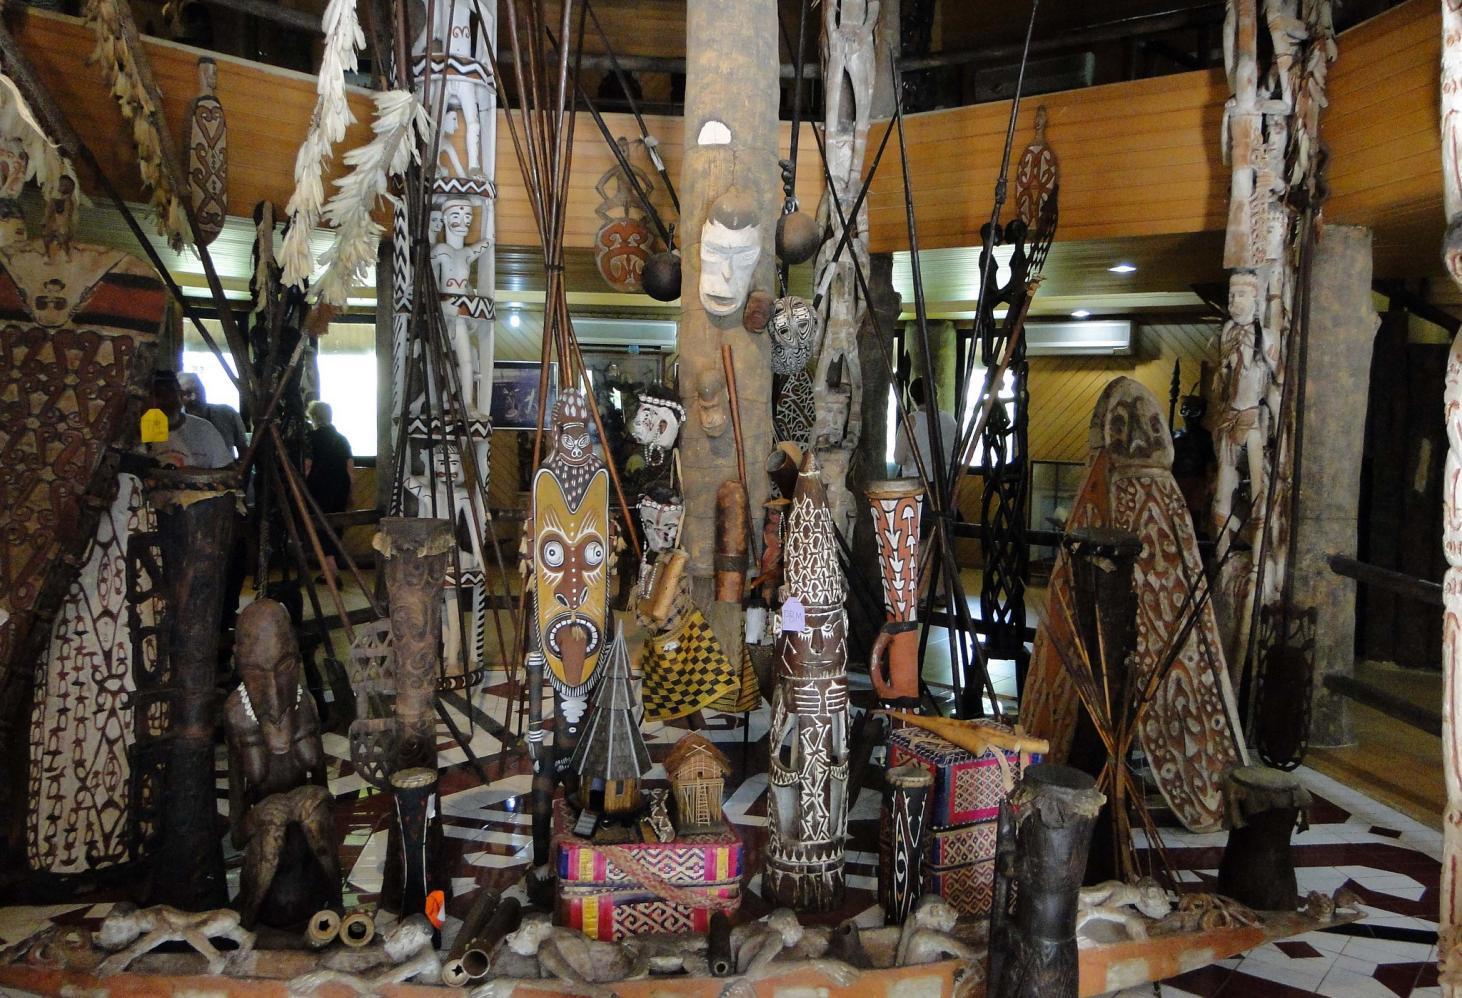 Сувенирные лавки Индонезии